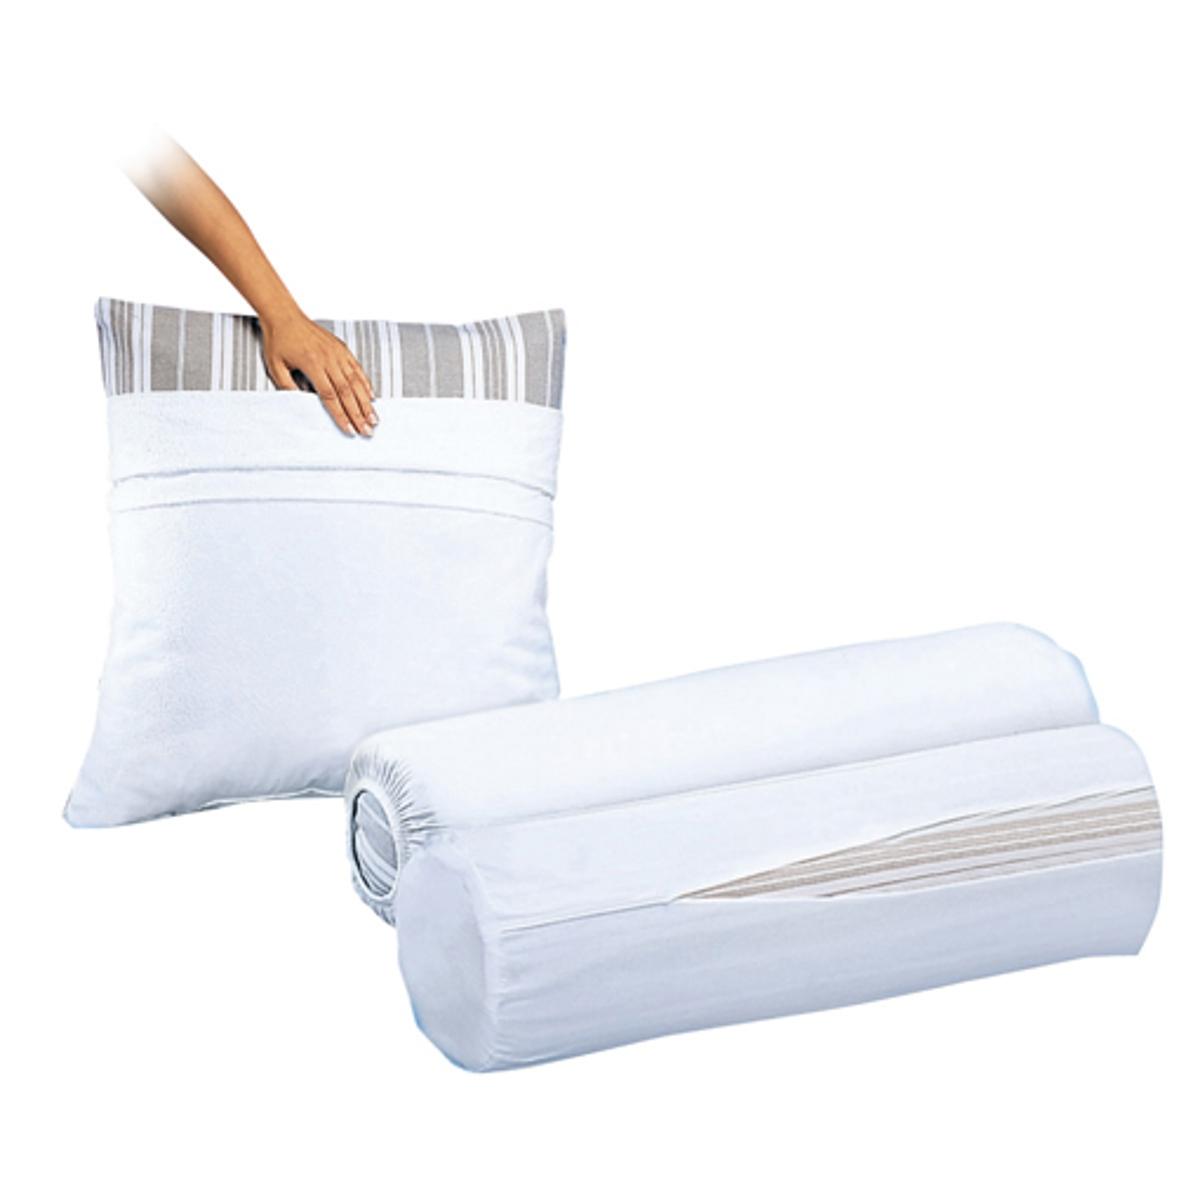 Чехол защитный на подушку из махровой ткани, 100% хлопокЗащитный чехол на подушку из махровой ткани, 100% плотный хлопок, идеальный для защиты подушки! Покрой с запахом.  Машинная стирка при 60 °С.<br><br>Цвет: белый